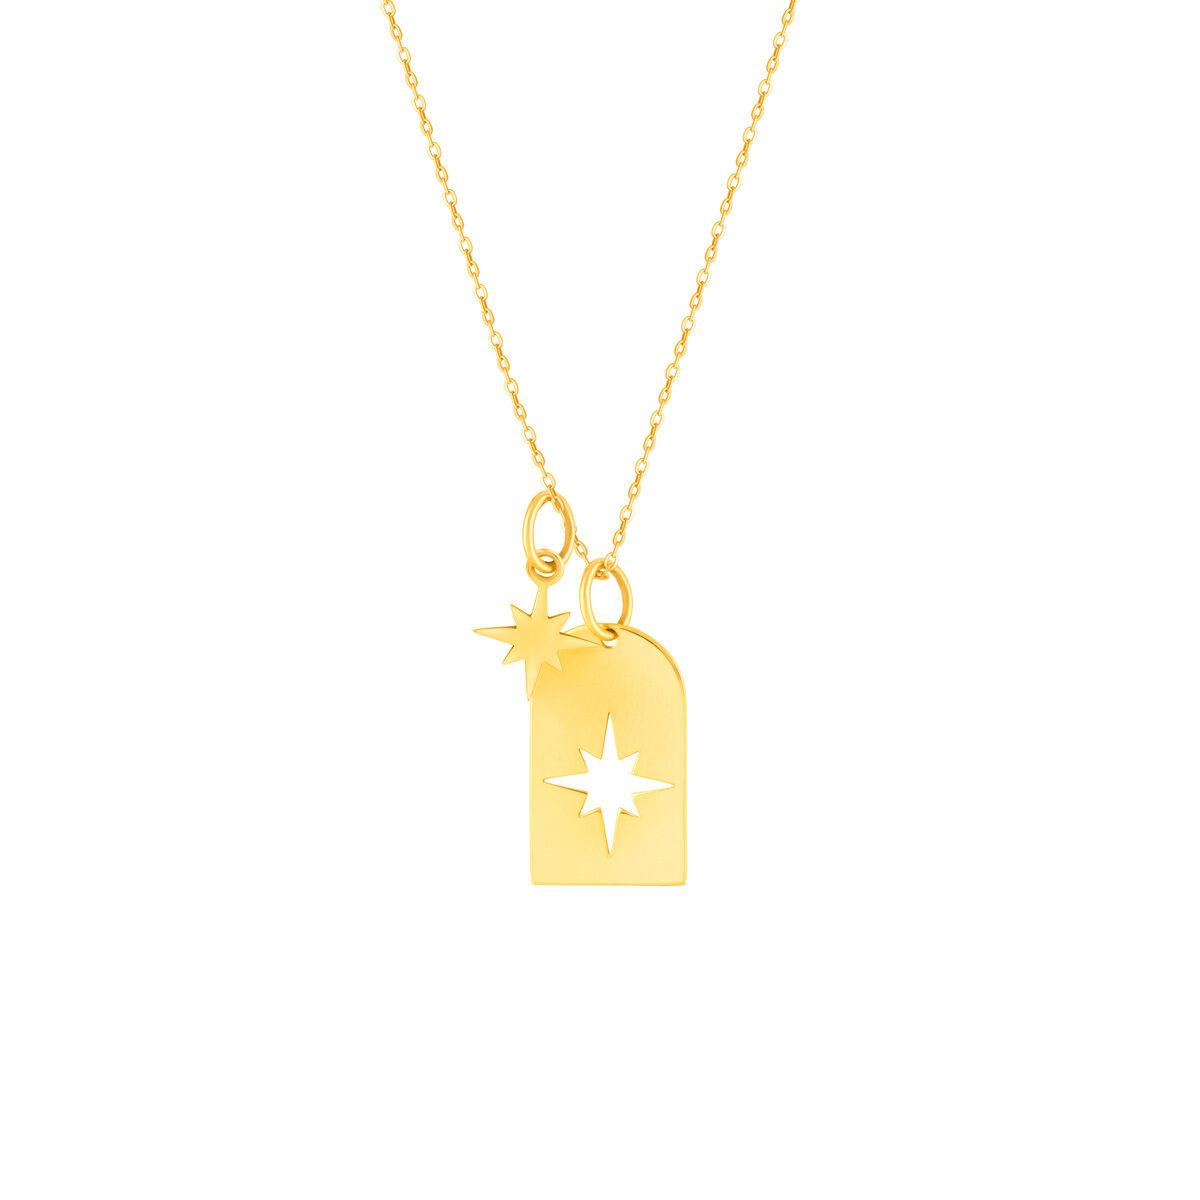 گردنبند طلا پلاک ستاره